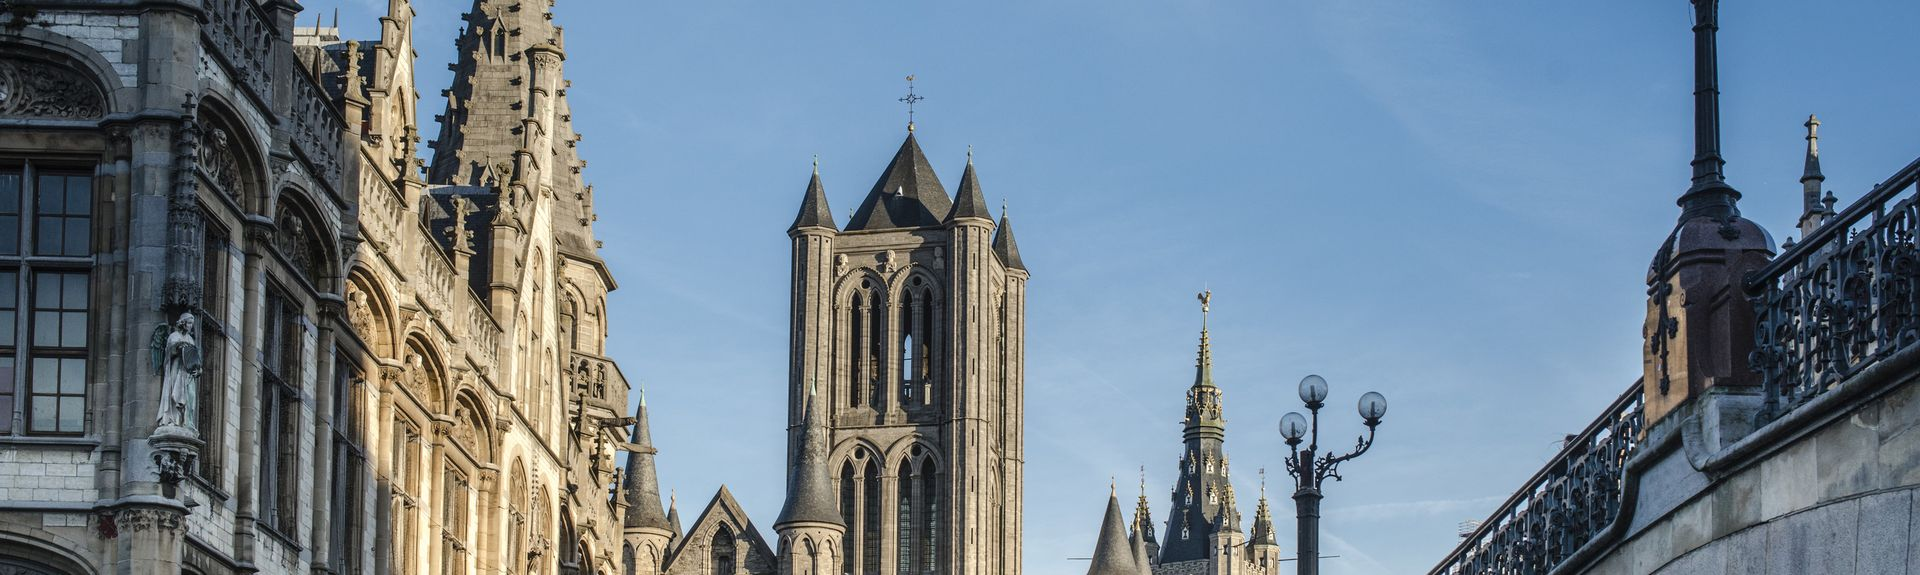 East Flanders (province), Flemish Region, Belgium